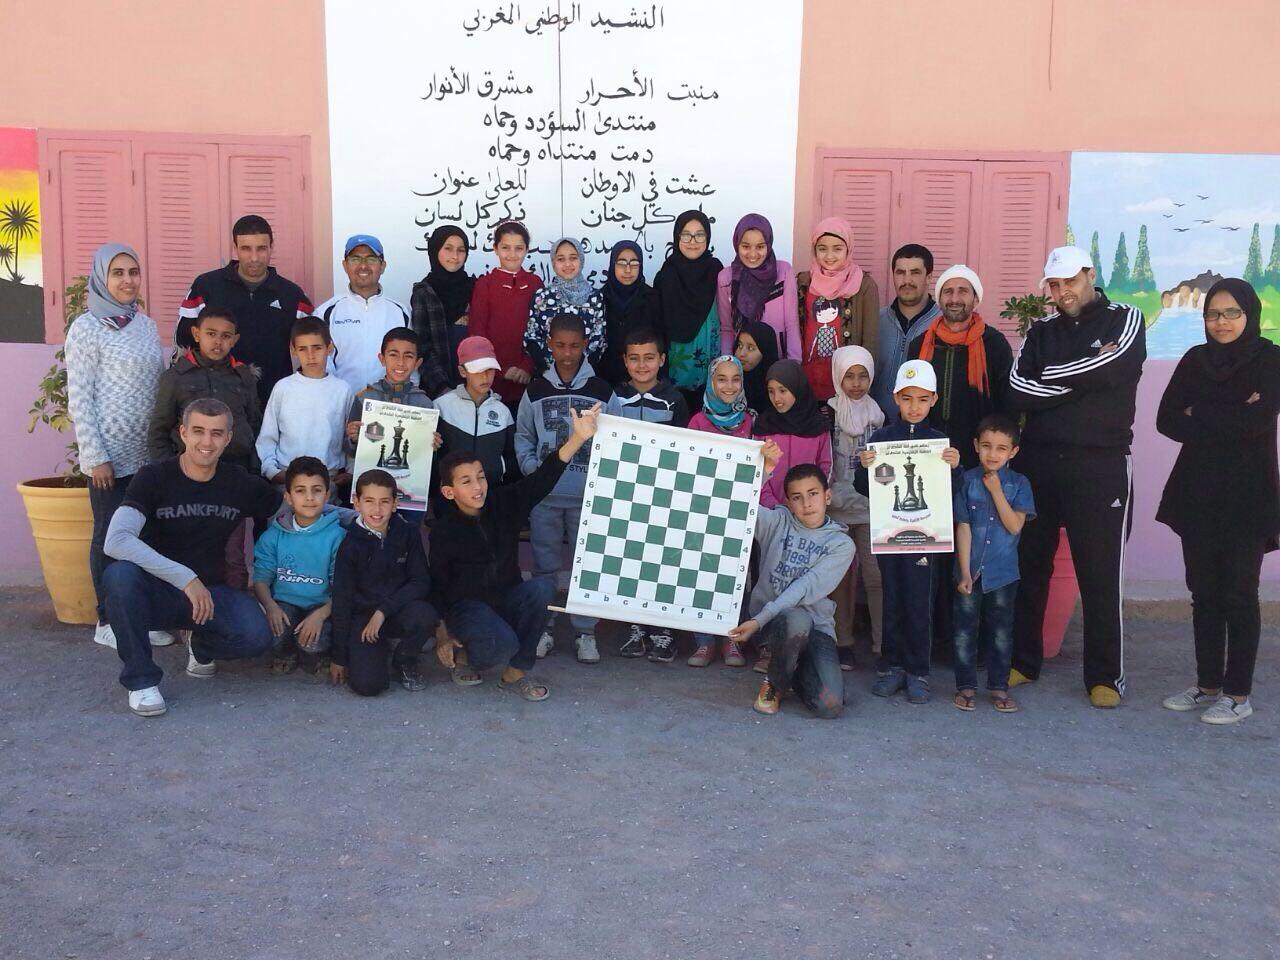 قافلة أمل تيزنيت للشطرنج تحط الرحال بمجموعة مدارس سوس العالمة دوار الزاوية بجماعة أكلو